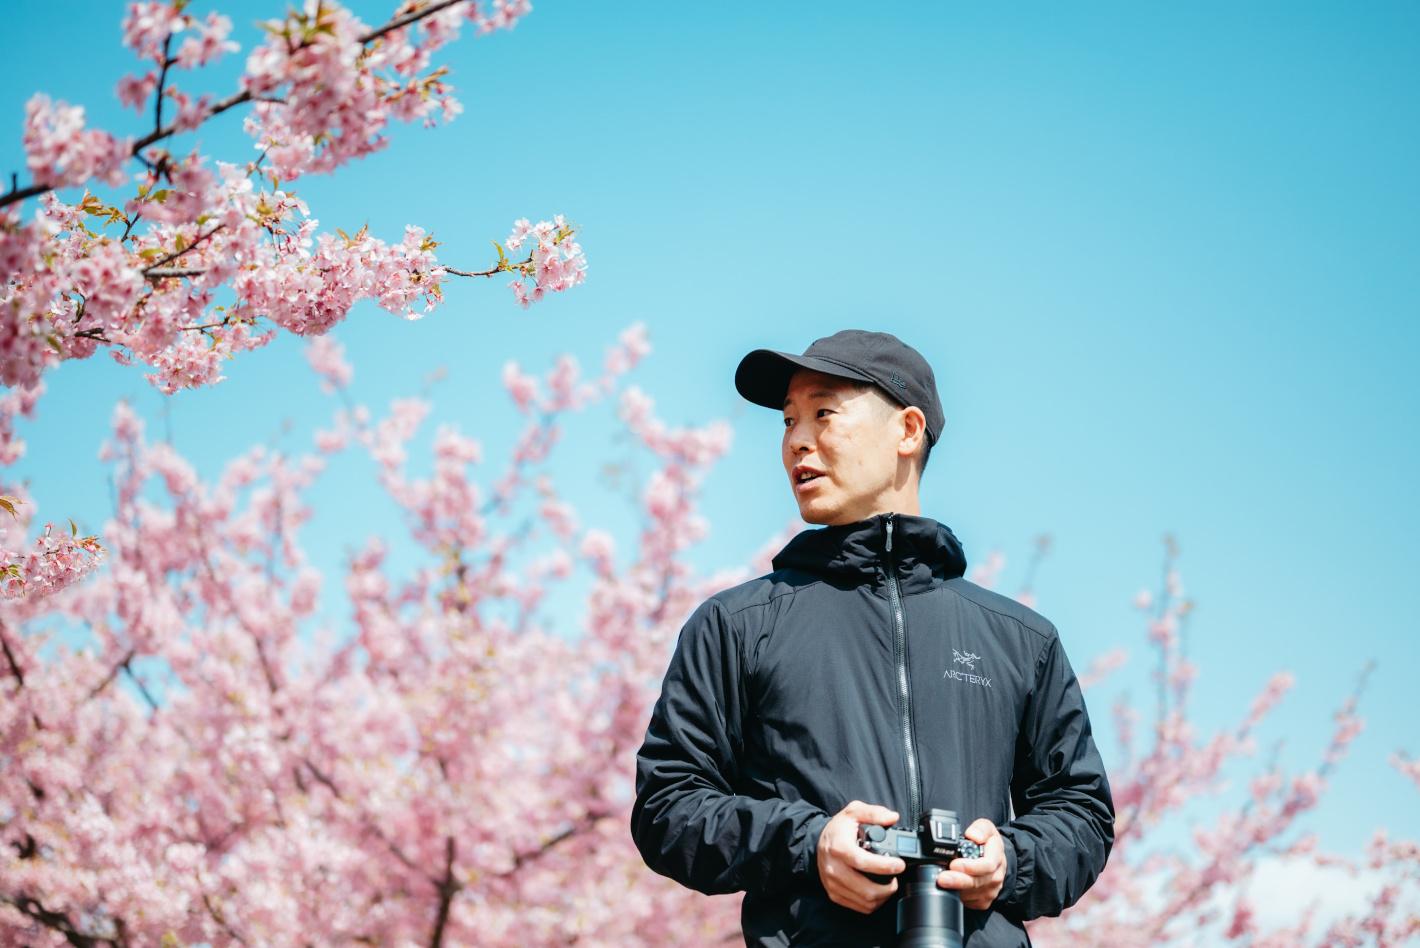 仲間が気づかせてくれた自分の好きと写真の楽しさ – 風景と人が織り成す情景を描く写真家MASAKIさんインタビュー